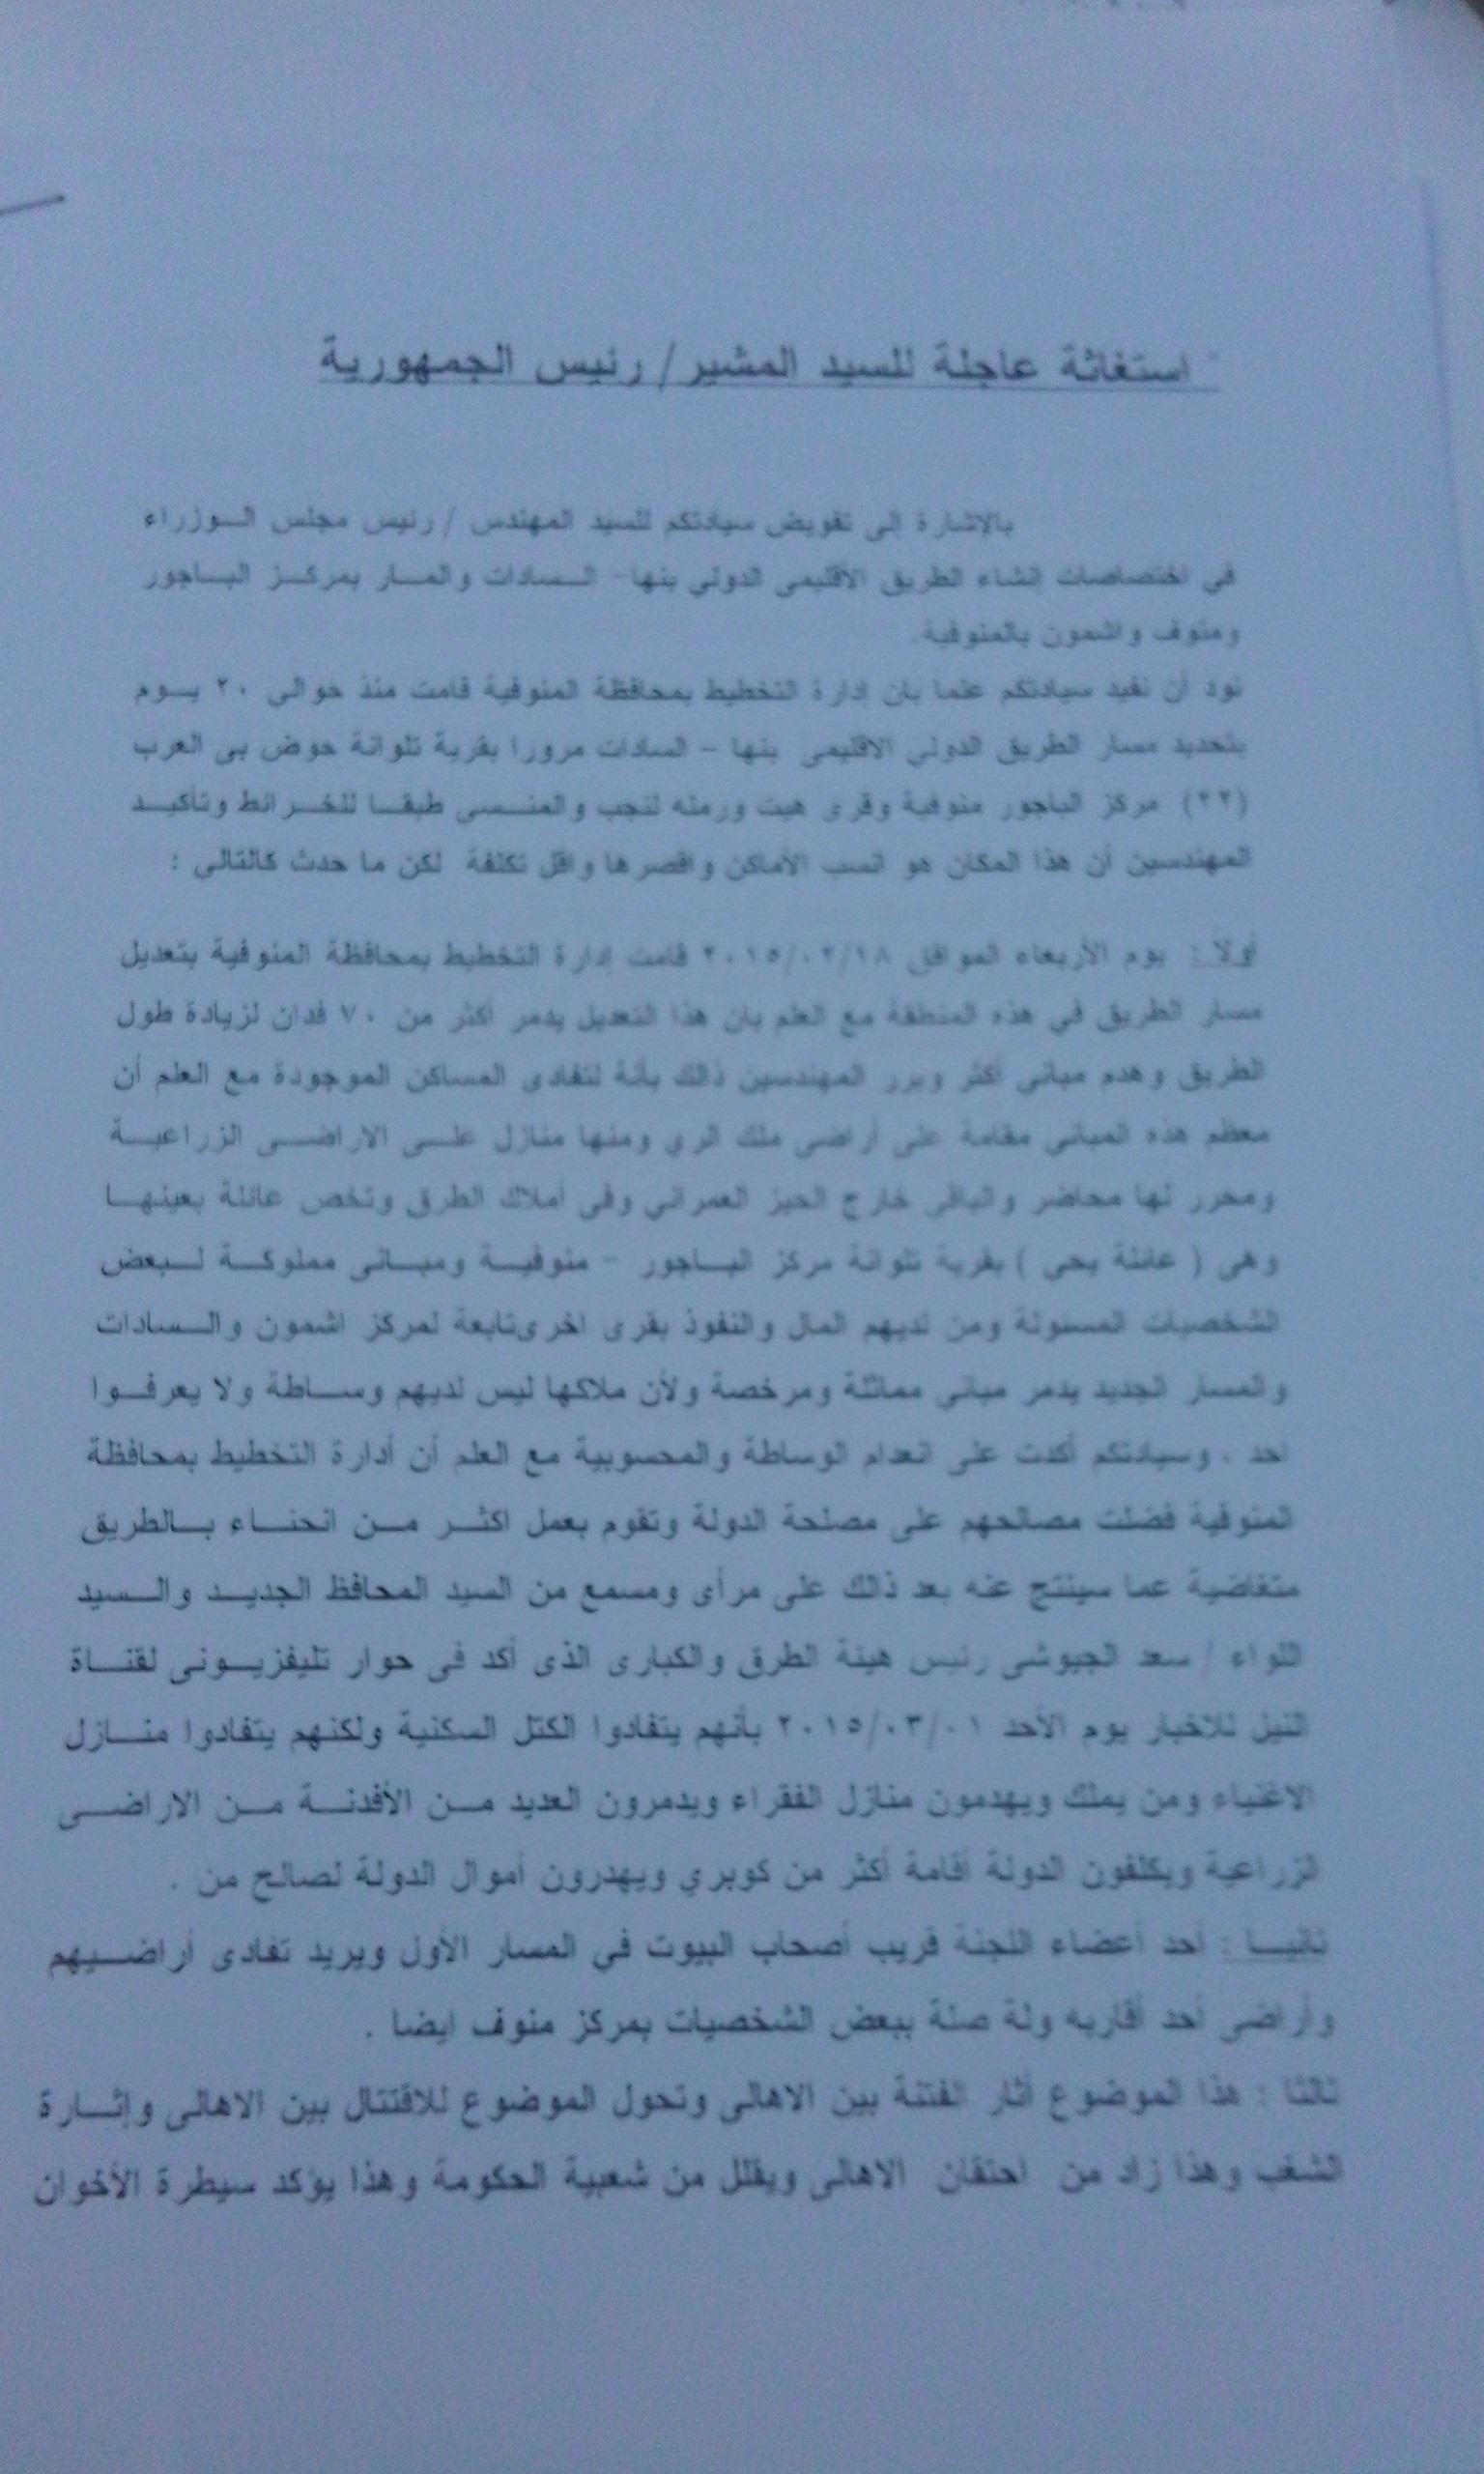 صورة من خطاب أهالى تلوانة إلى الرئاسة